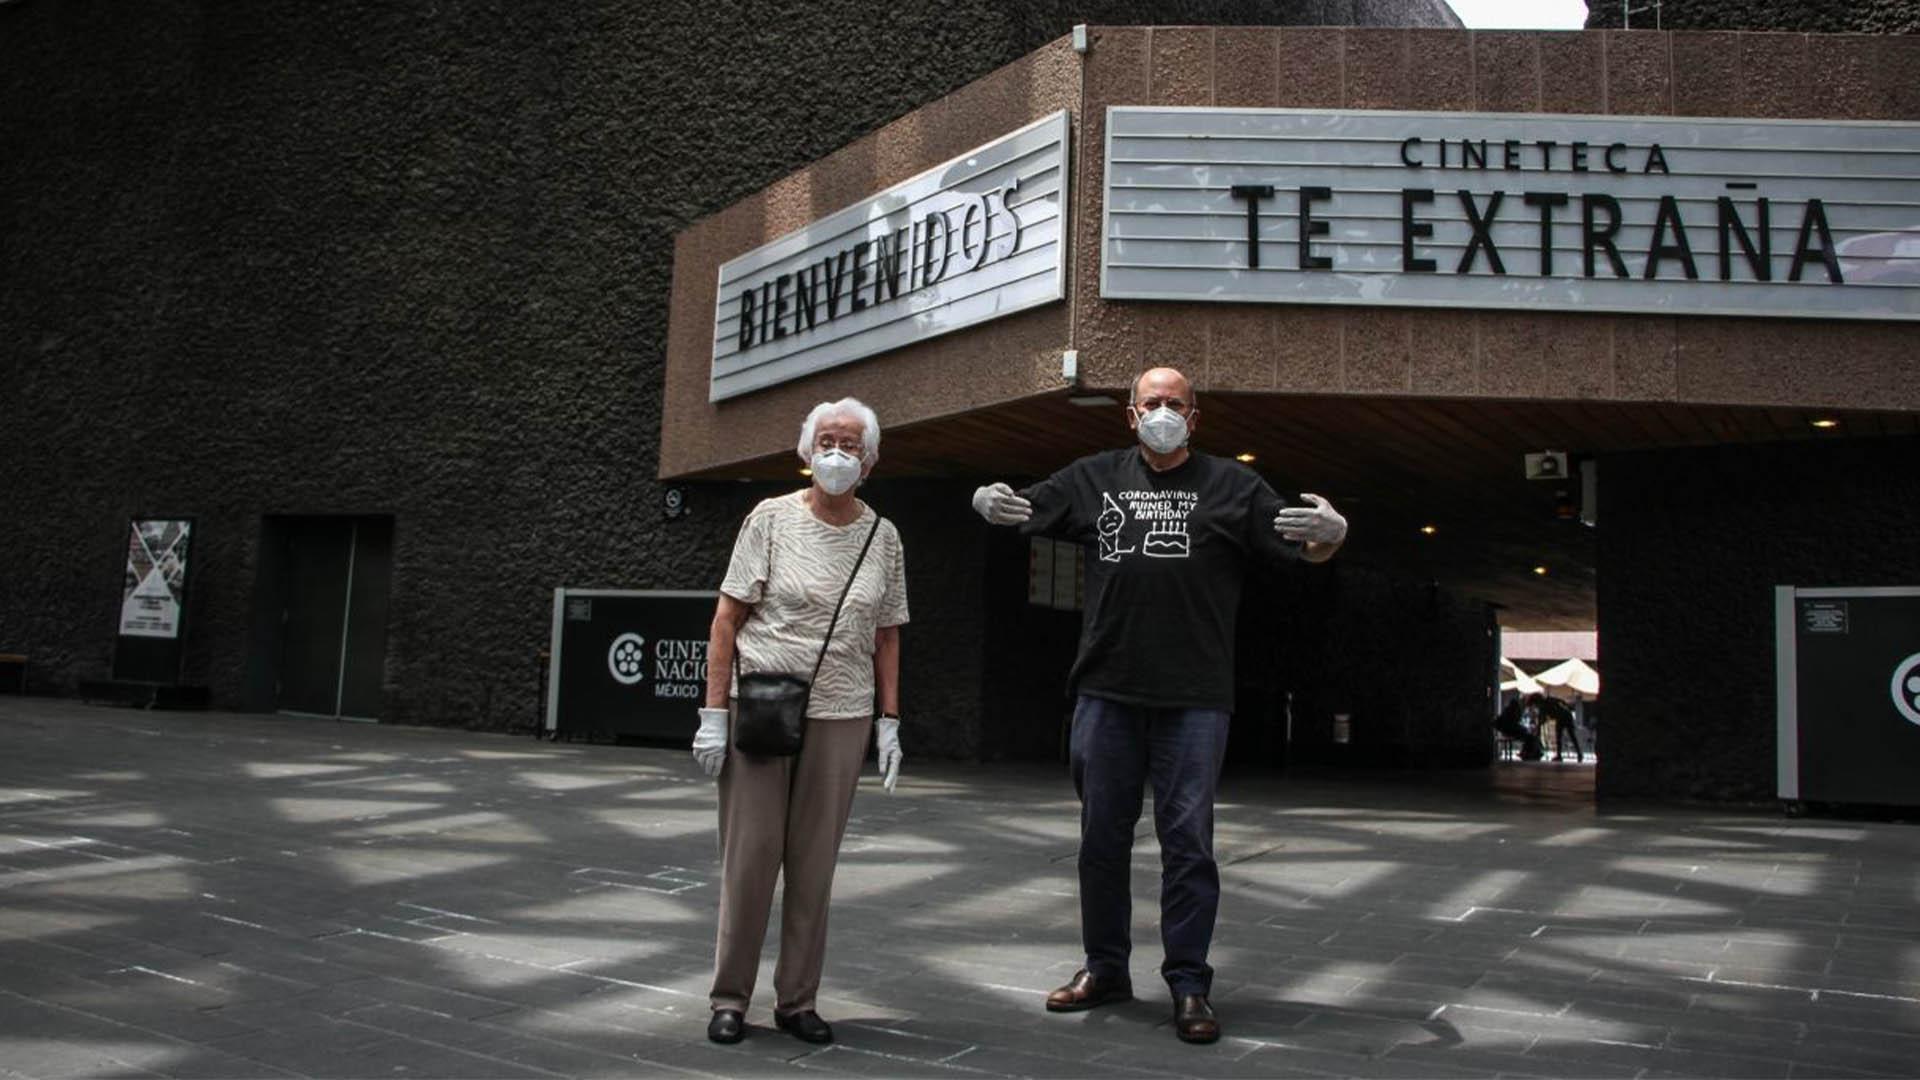 La Cinetaca Nacional, reanudo actividades la mañana de este miércoles (Foto: Cuartoscuro)